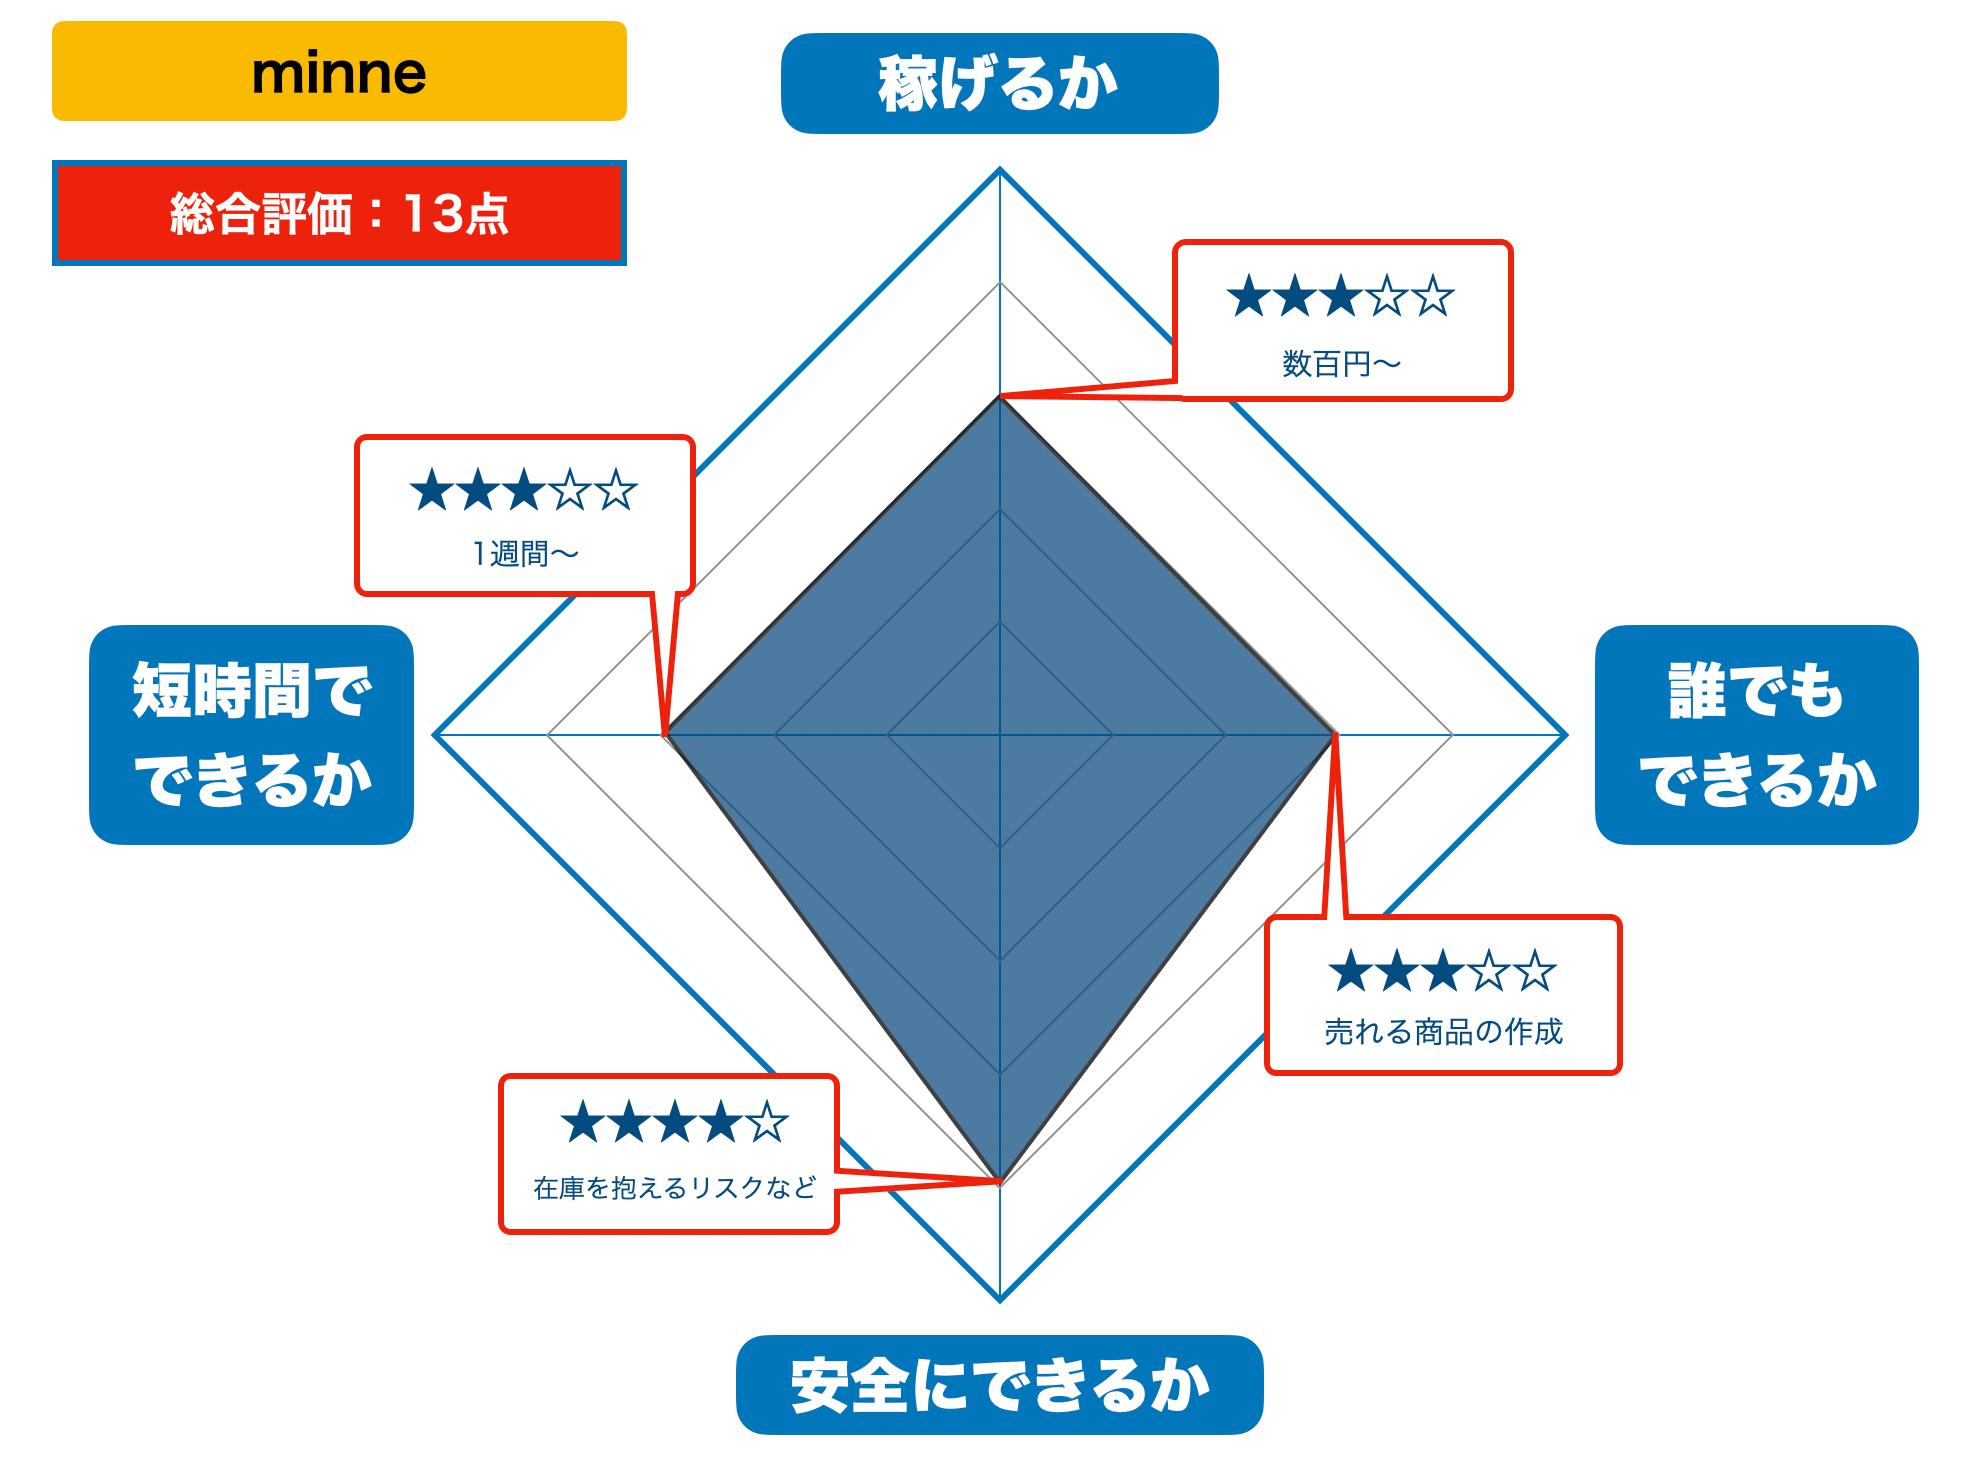 minneの評価(2021年版)